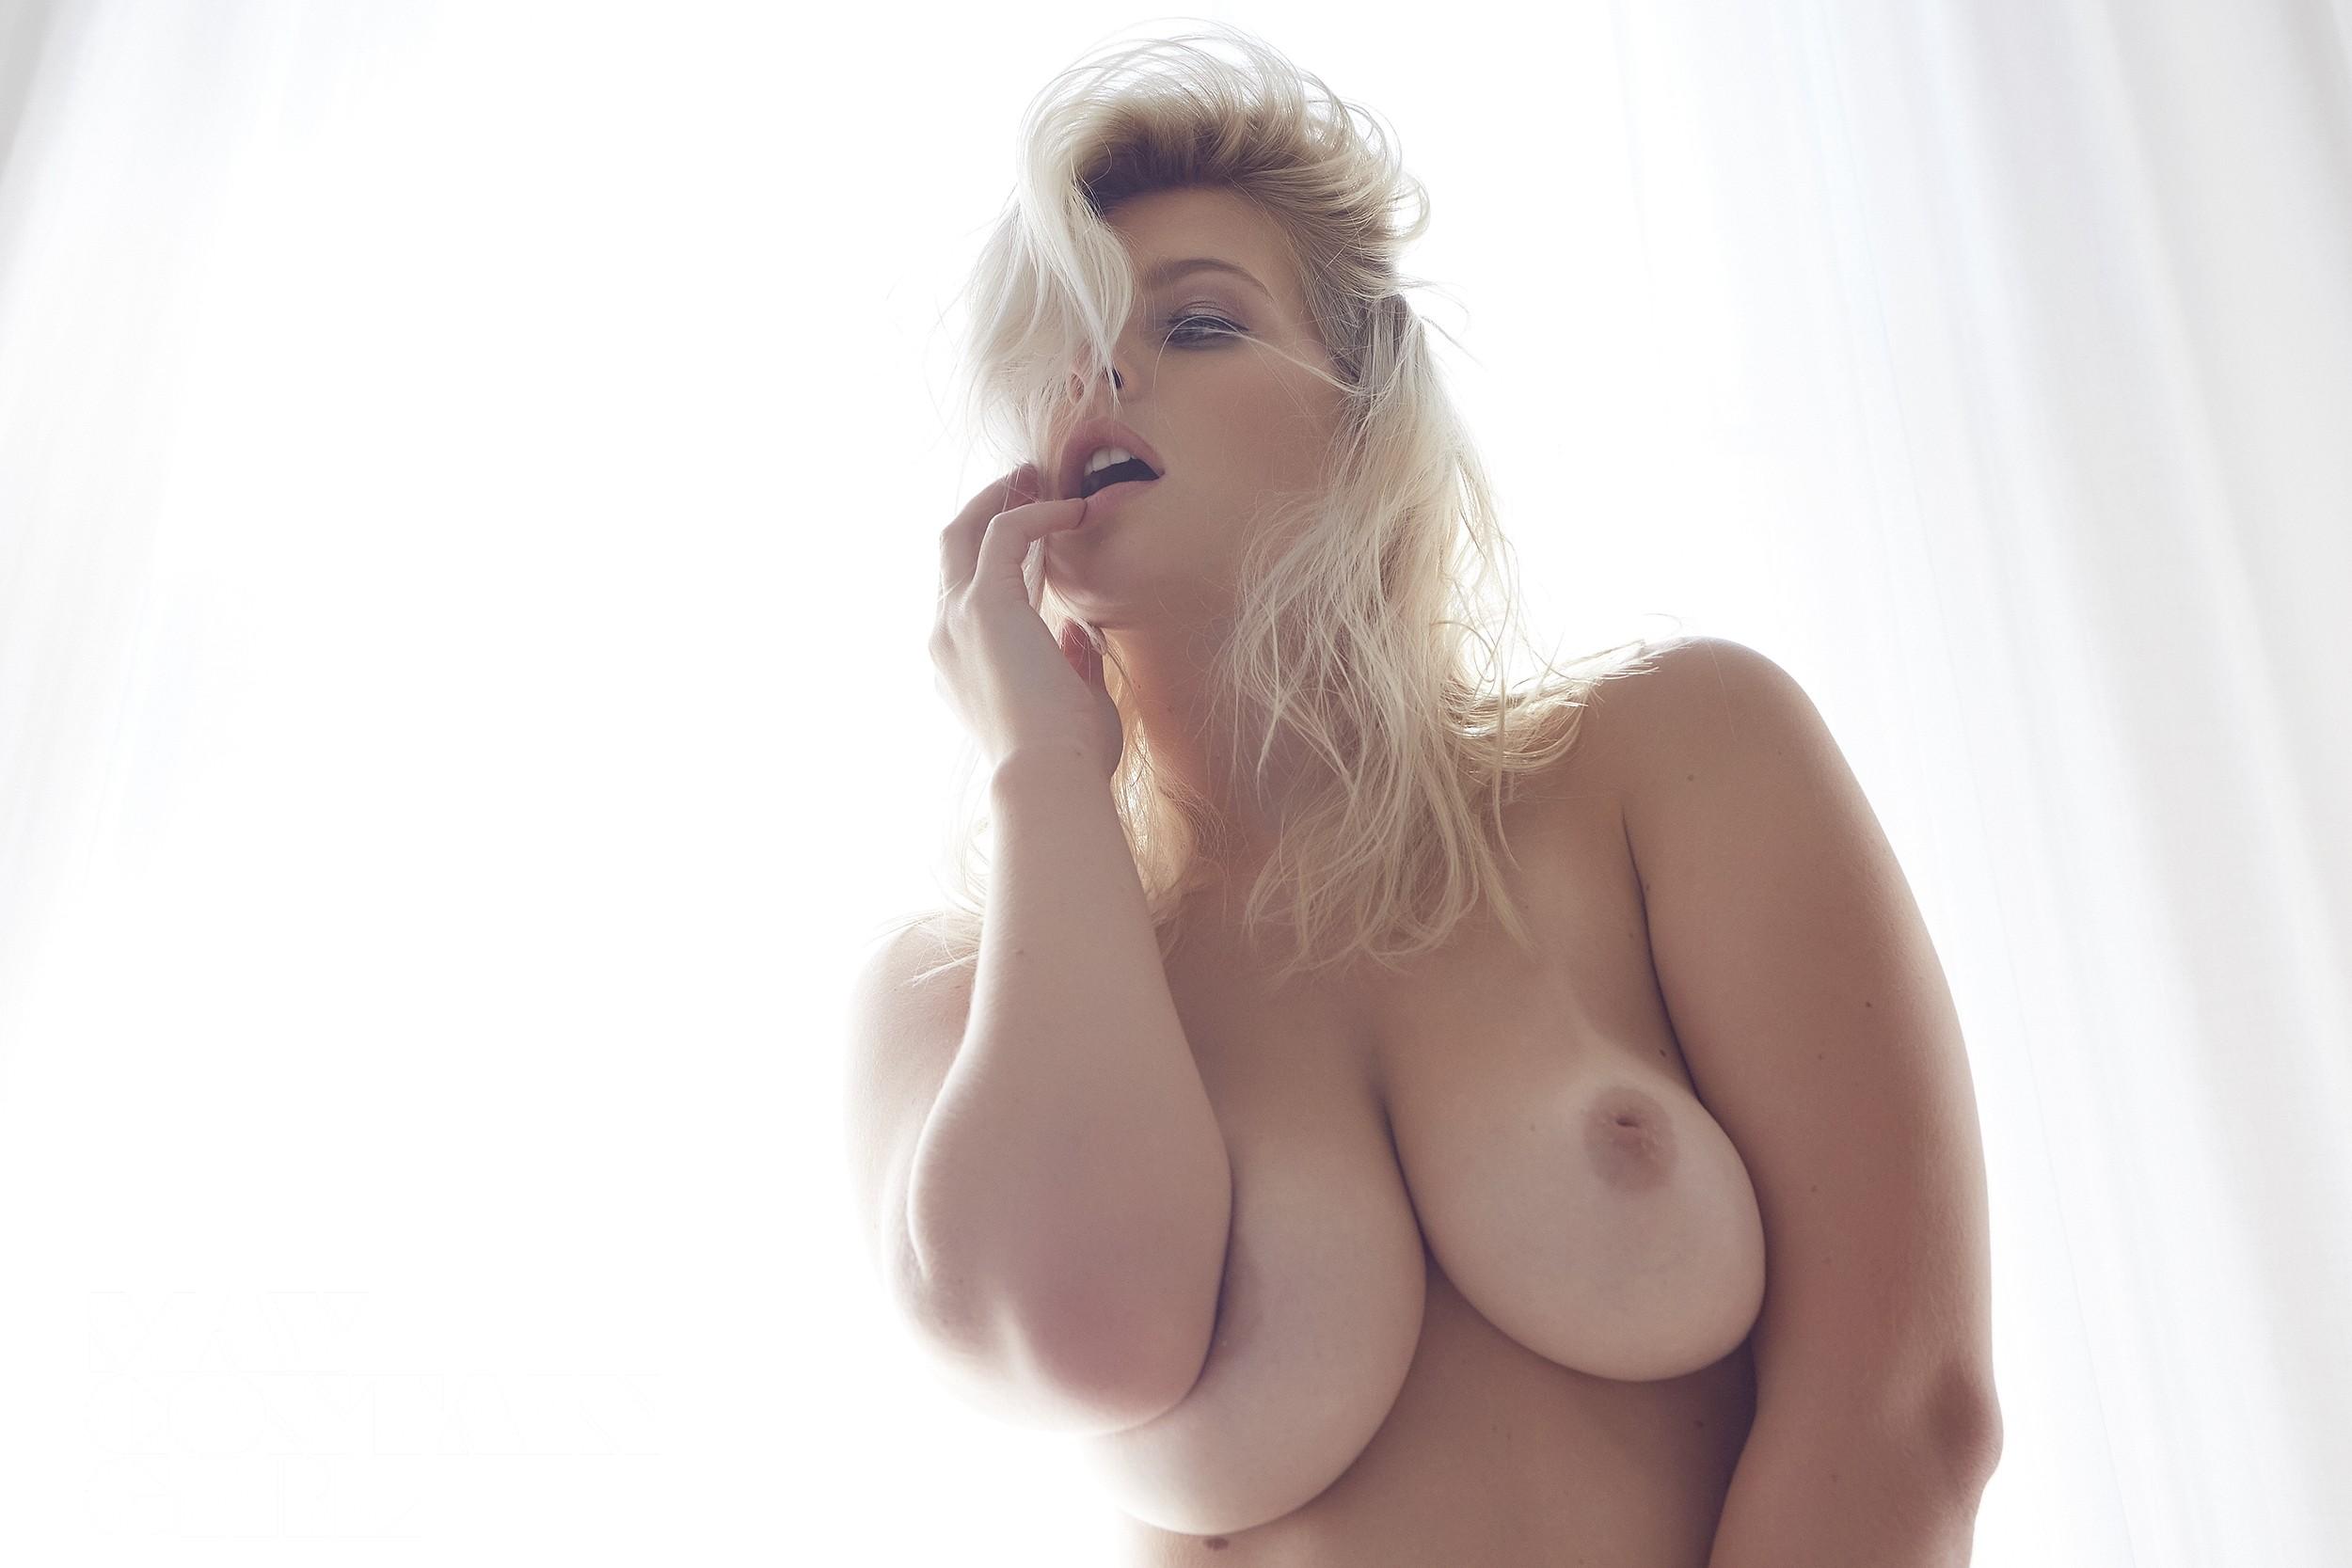 jess davies nude